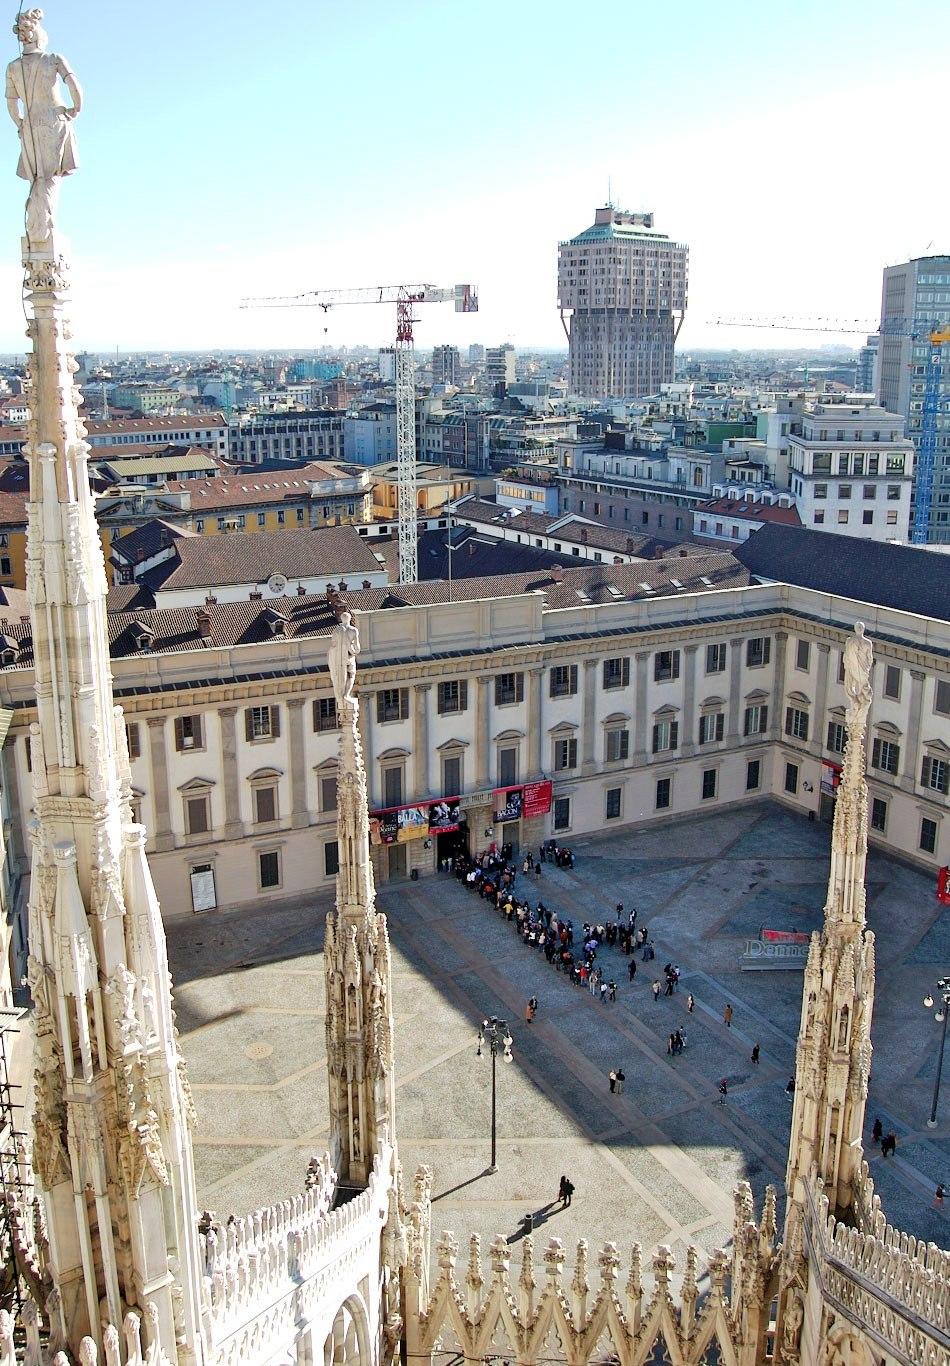 Palazzo Reale Piazzetta Milano